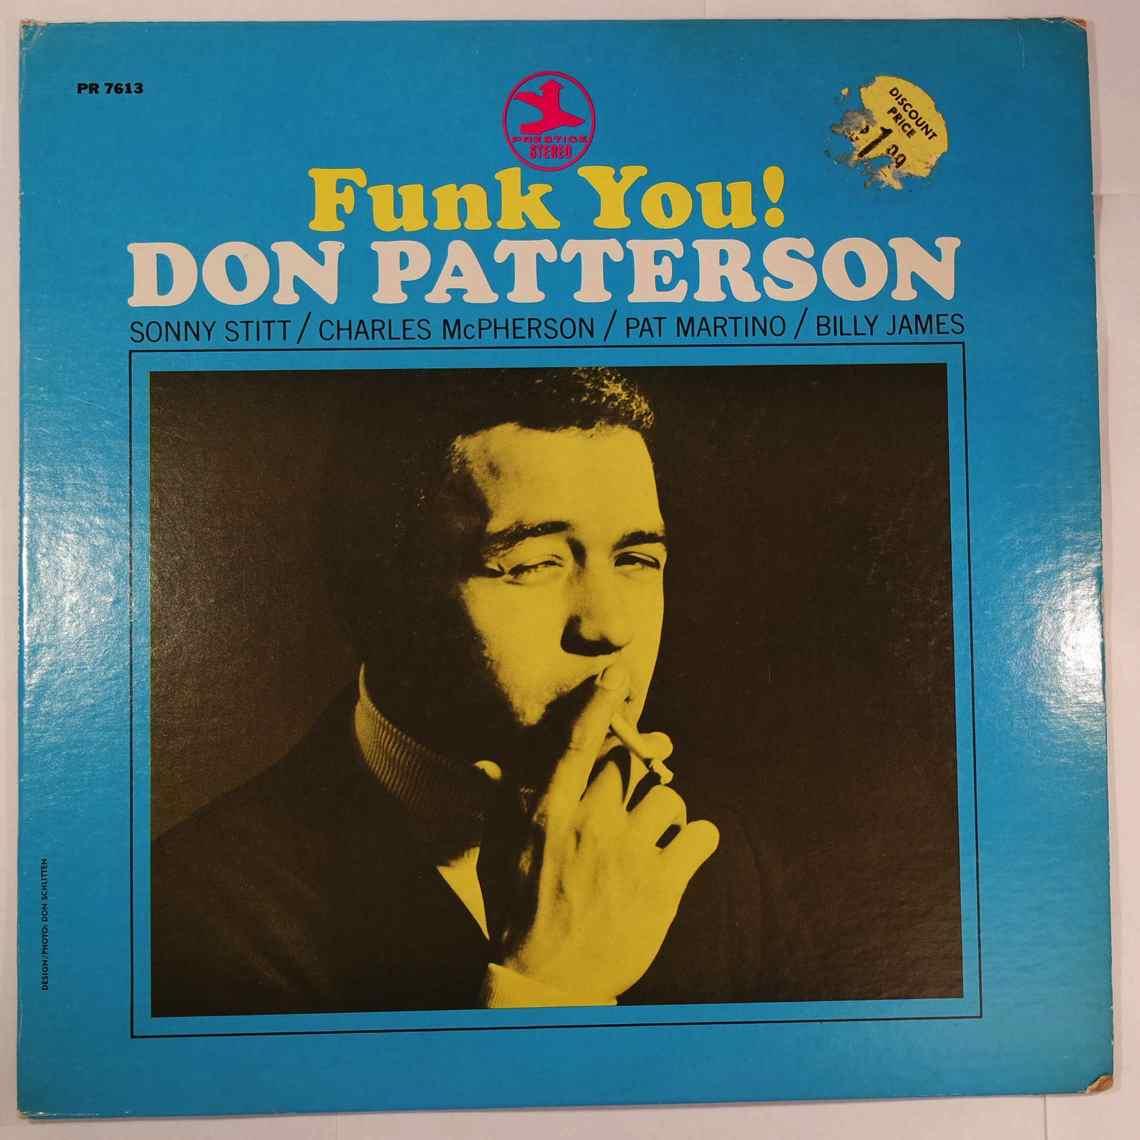 Don Patterson Funk You!